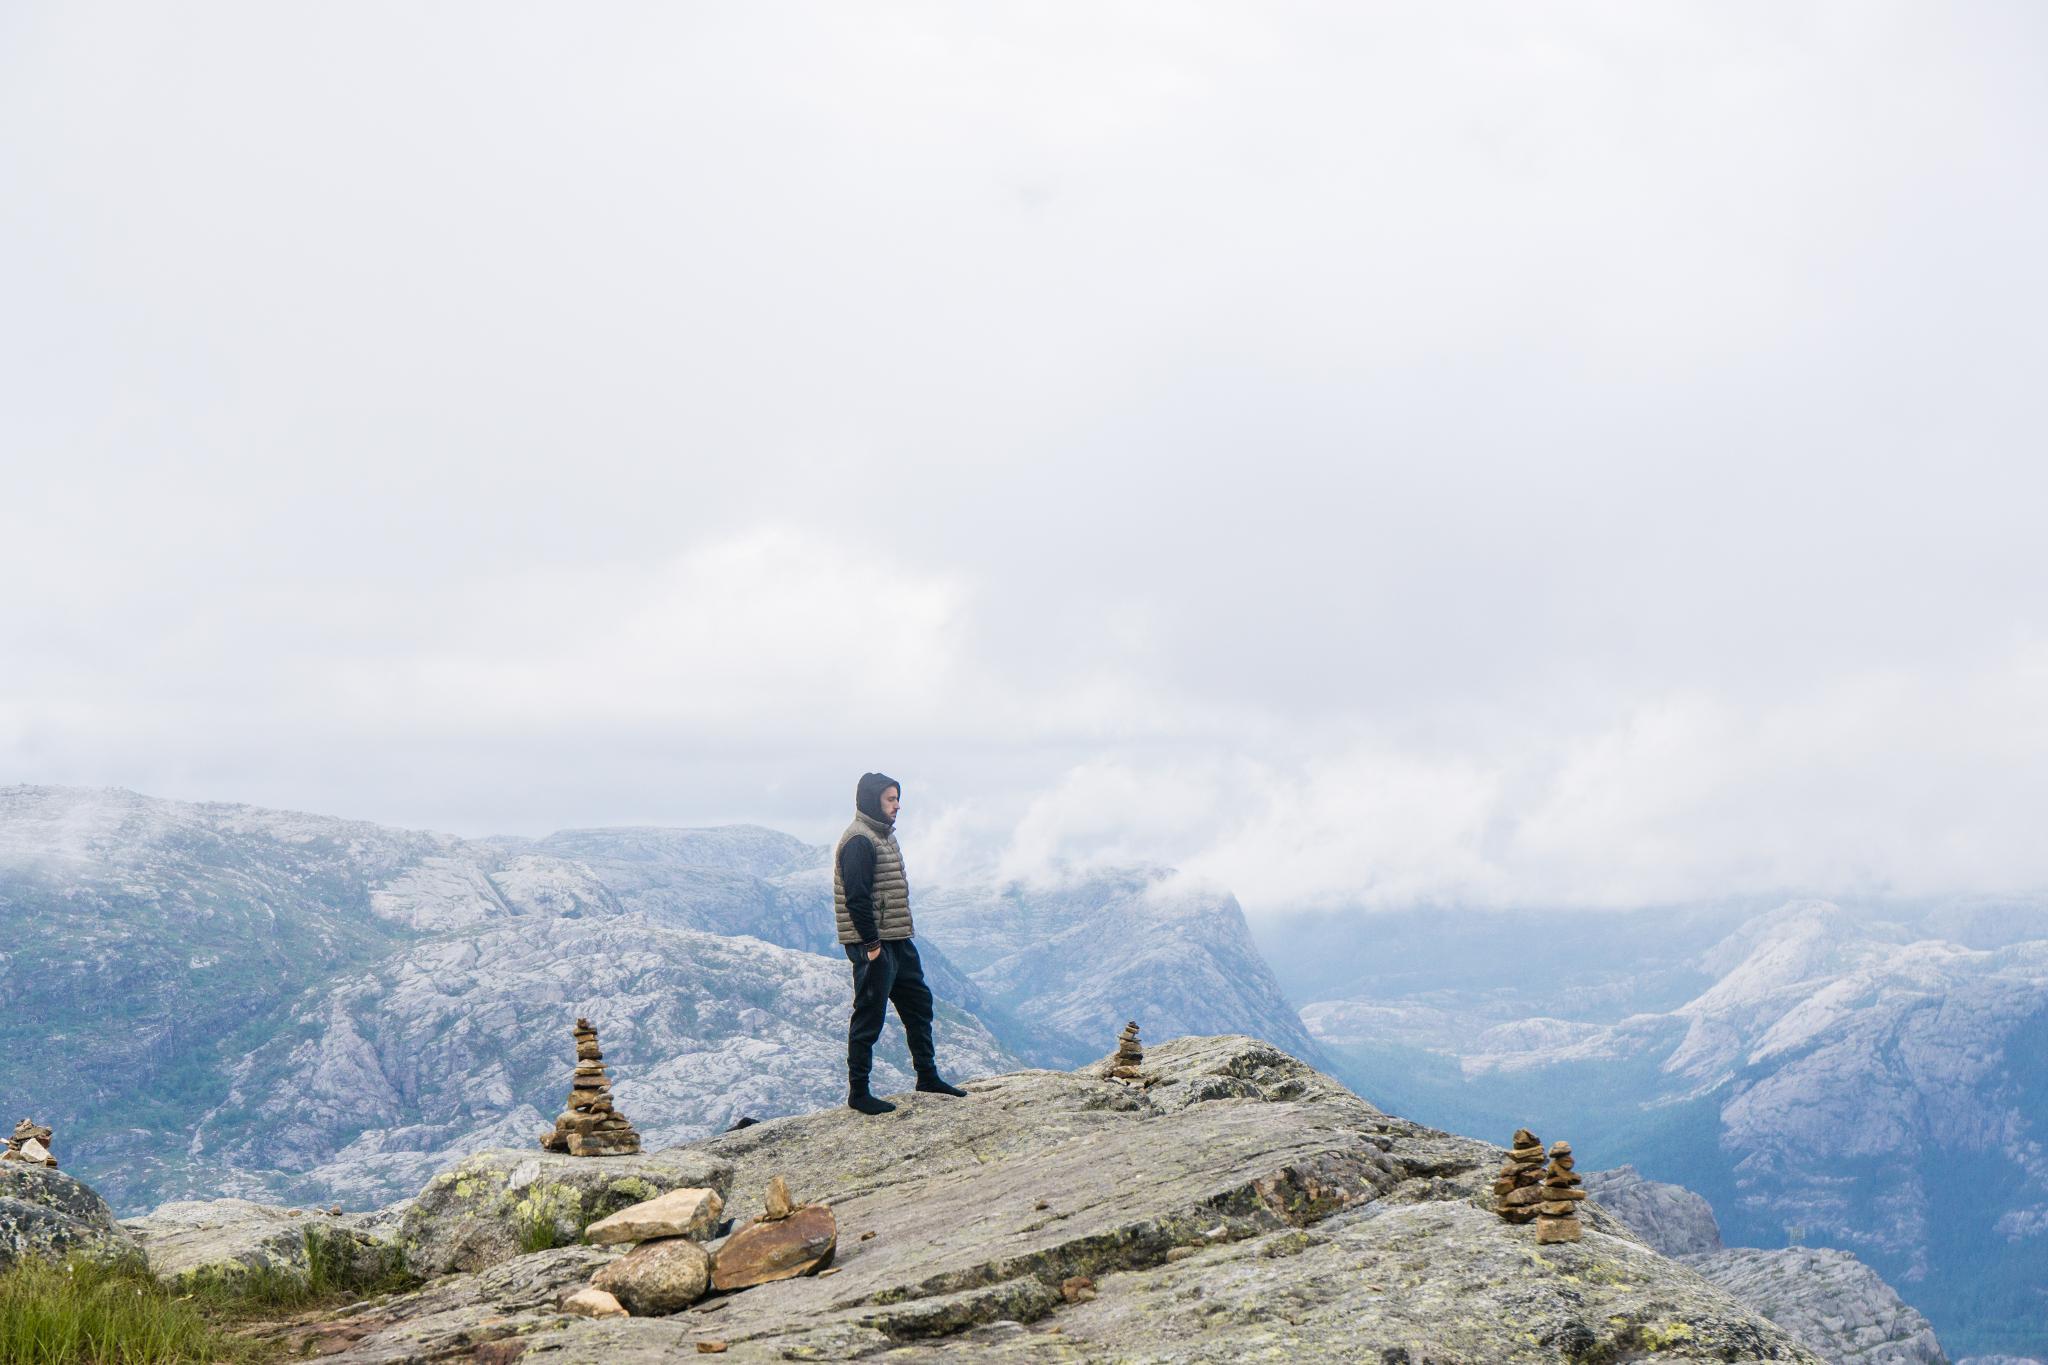 【北歐景點】朝聖挪威三大奇岩:聖壇岩Preikestolen健行紀錄 39